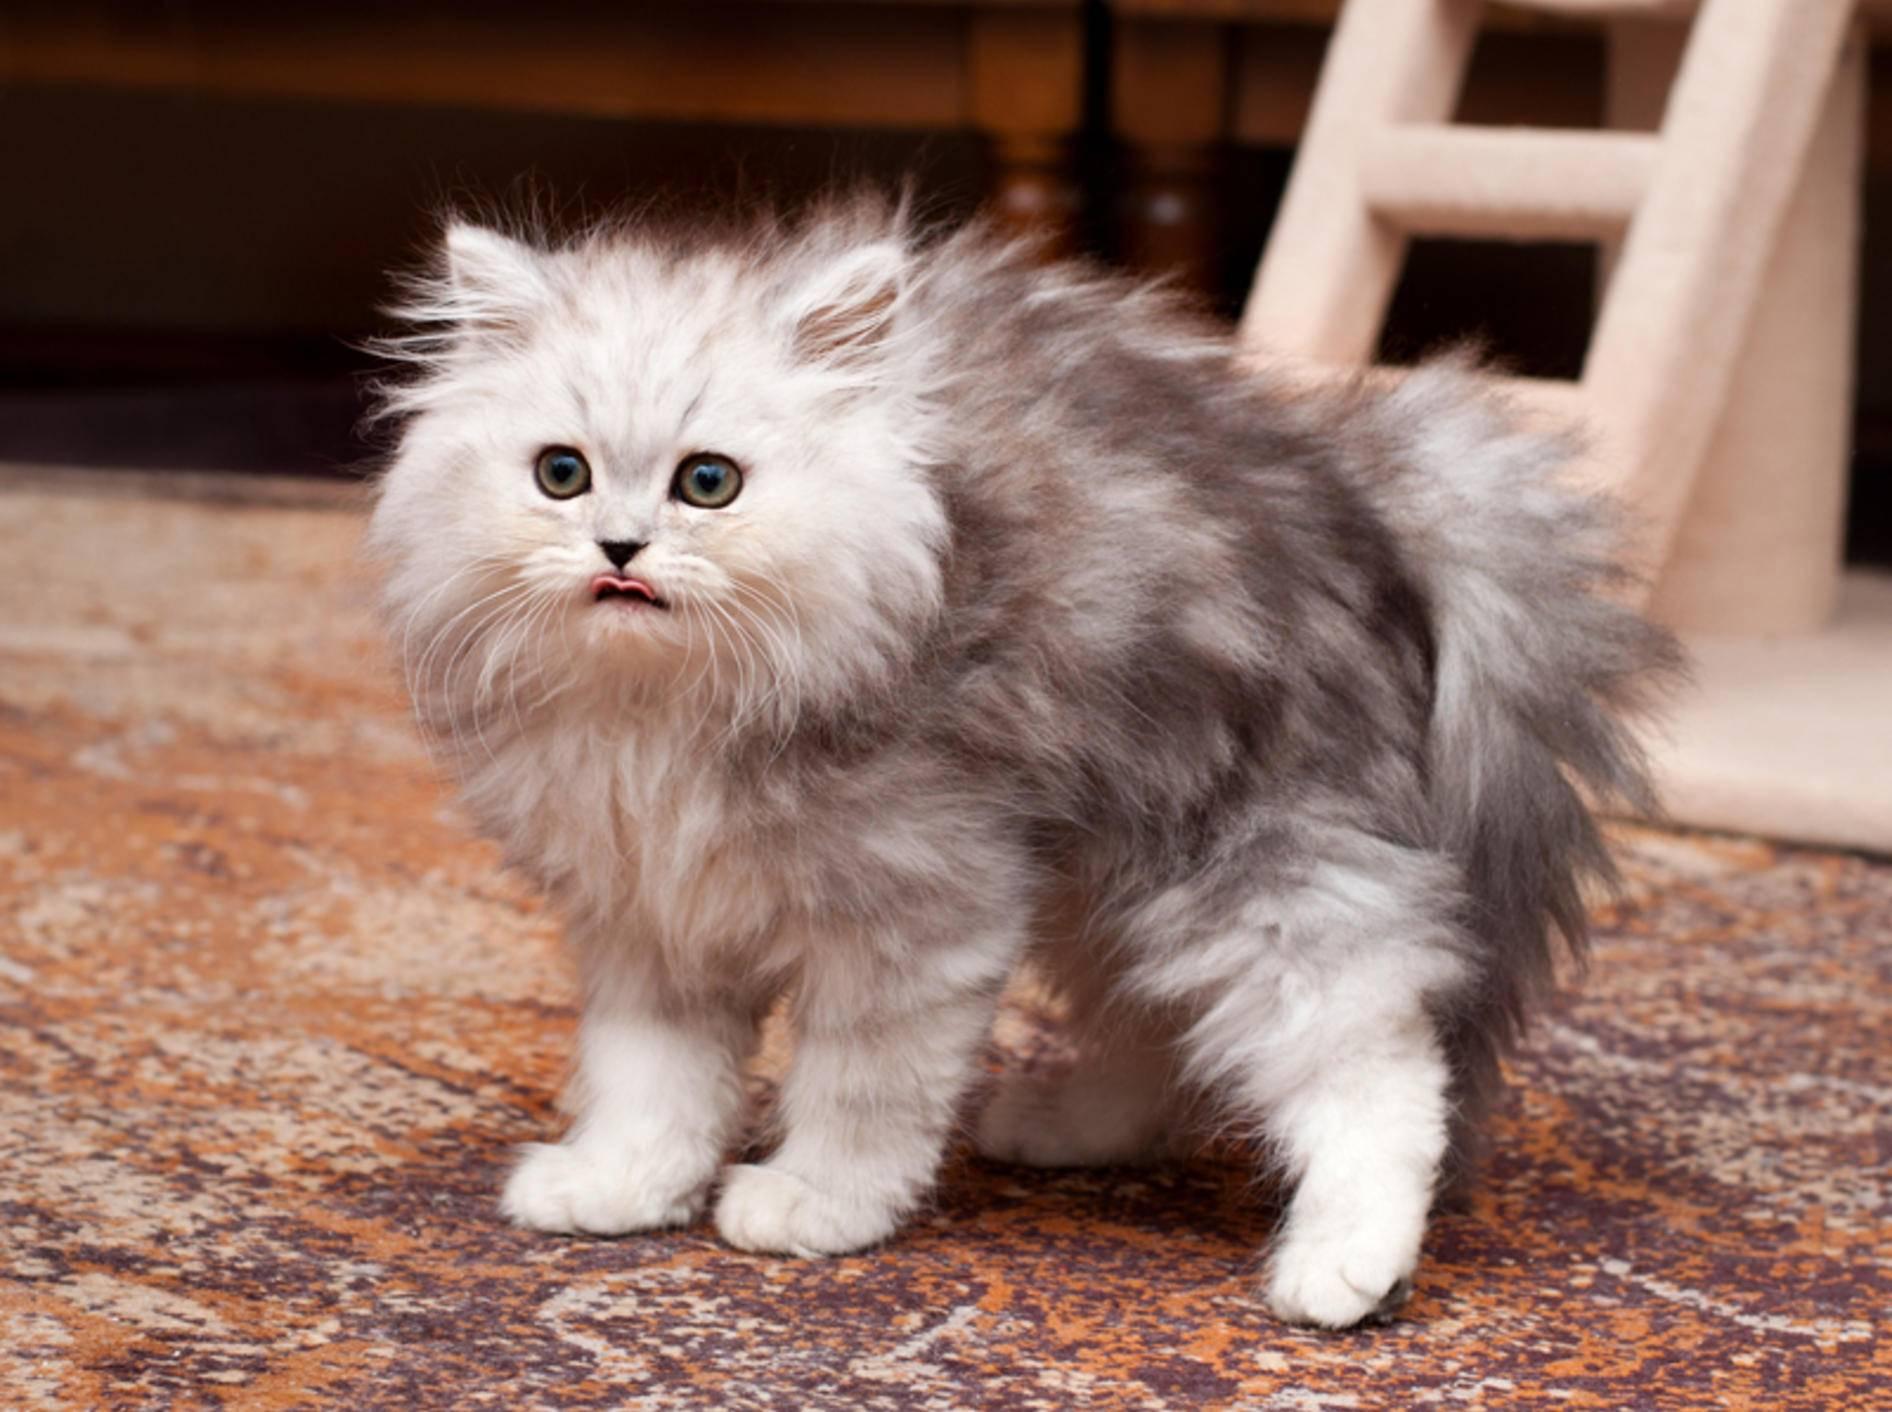 Wenn die Katze scheu ist: Mögliche Gründe – Bild: Shutterstock / Trybex